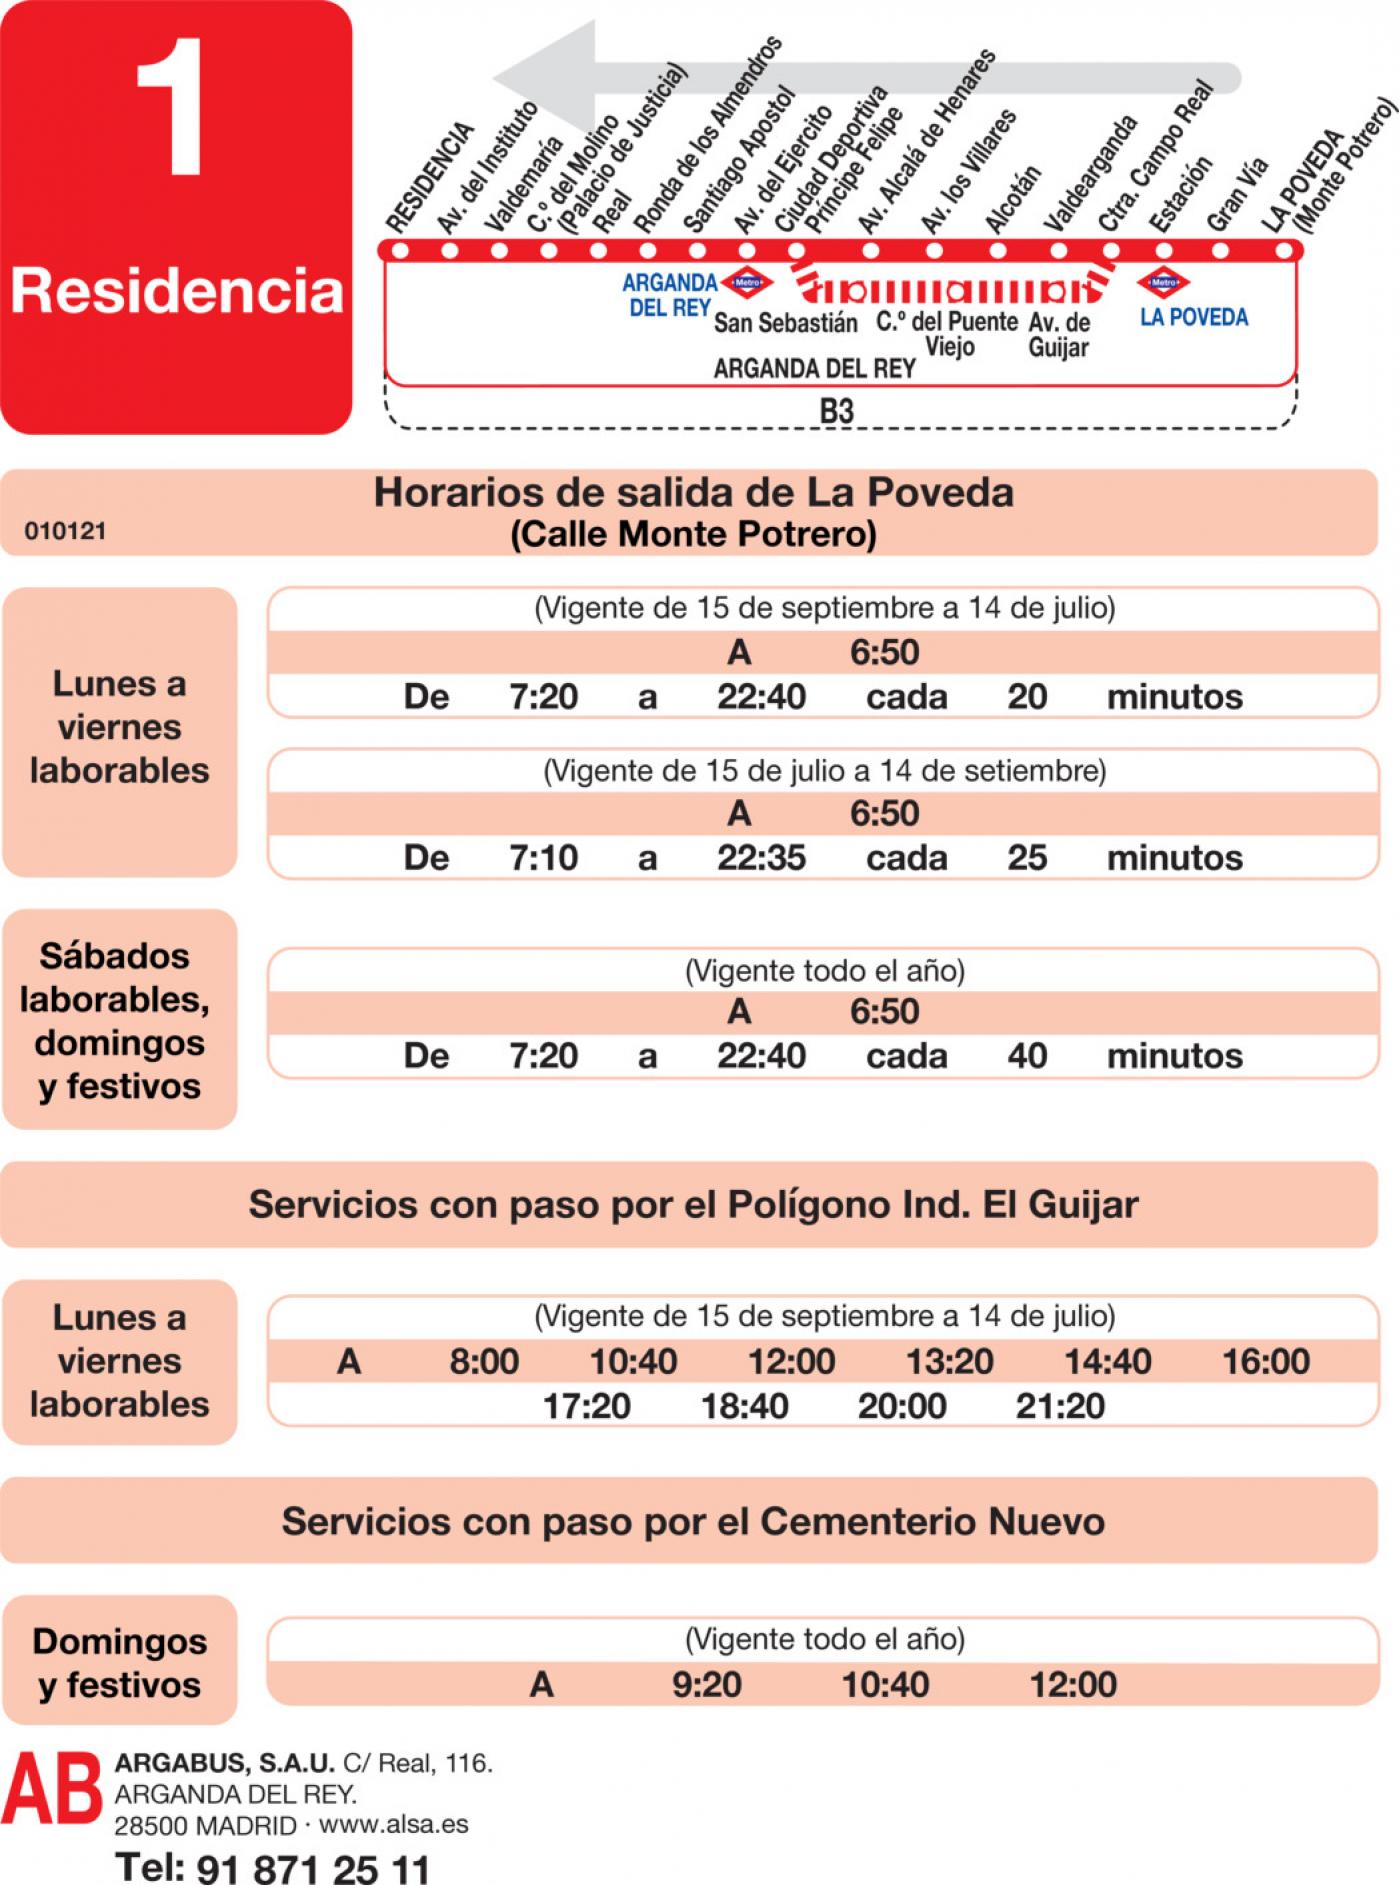 Tabla de horarios y frecuencias de paso en sentido vuelta Línea L-1 Arganda del Rey: Residencia - La Poveda